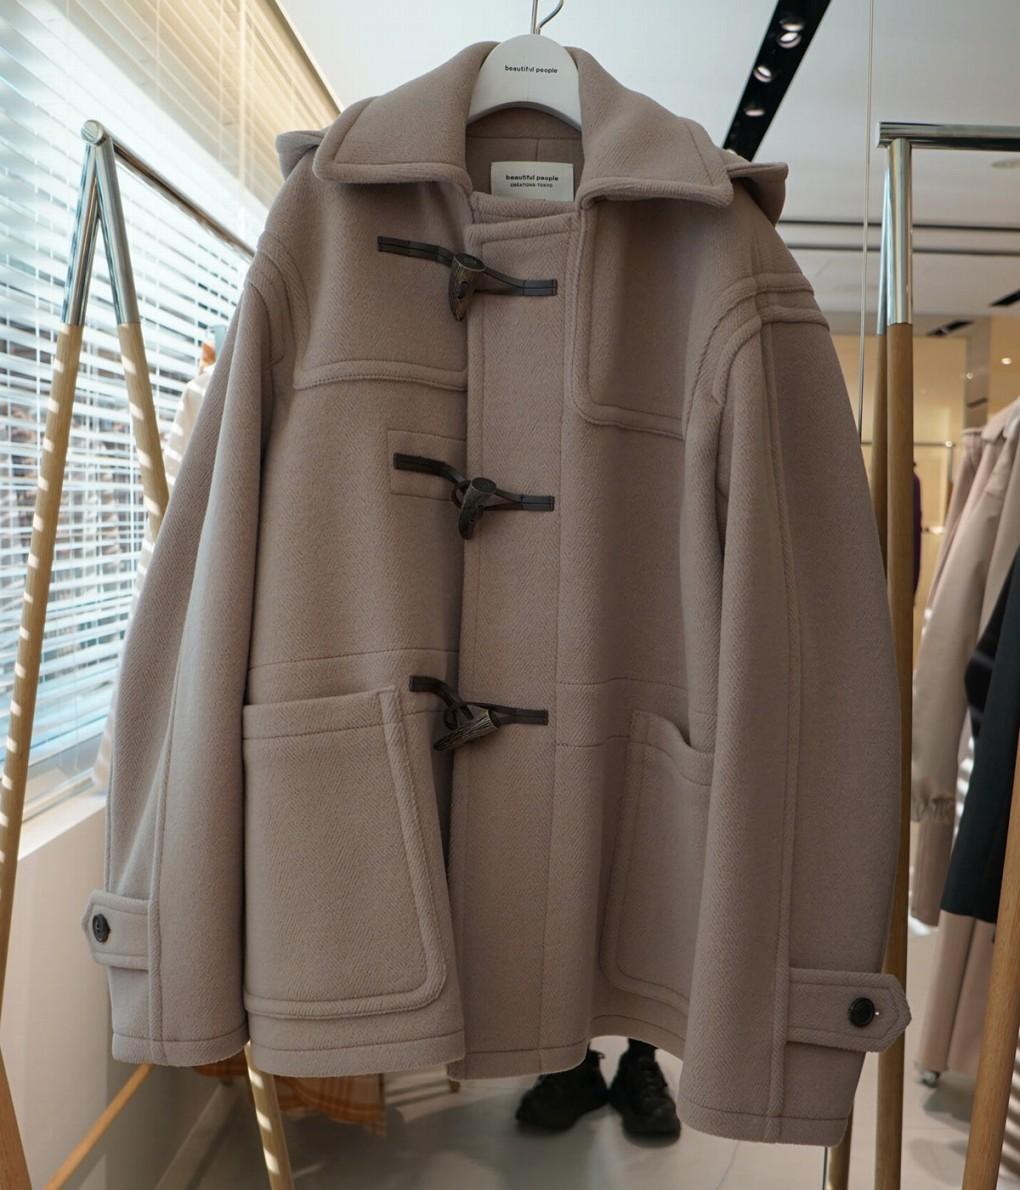 ■【予約商品 2019年9月~10月入荷予定】beautiful people / ビューティフルピープル : pile melton duffel coat : ビューティフルピープル パイル メルトン ショート ダッフルコート レディース : 1935103013 【ANN】